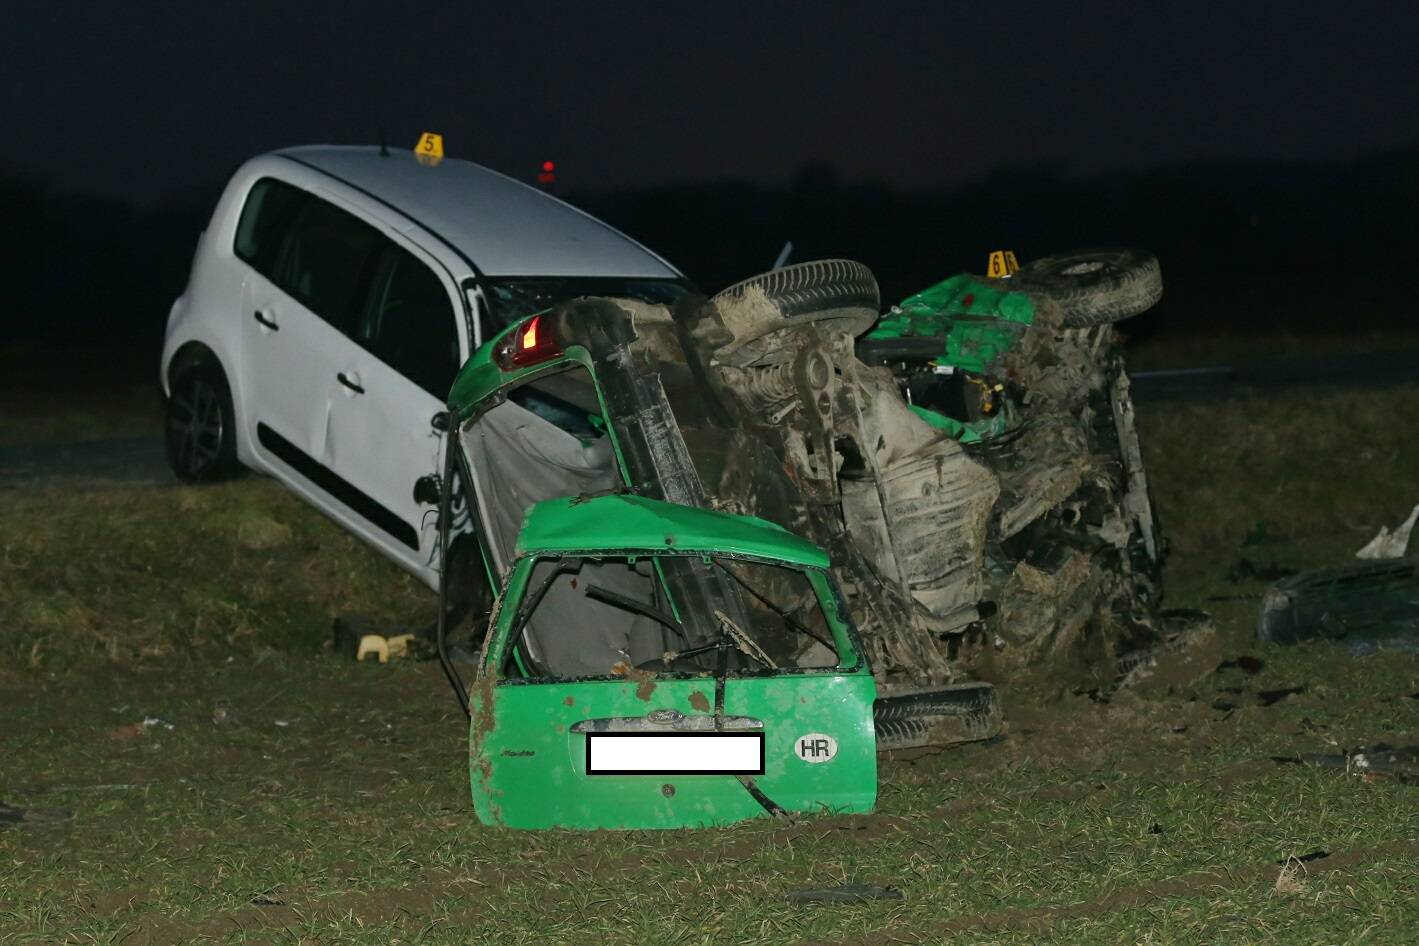 Tinejdžer i mladić poginuli su u prometnoj: Auto je smrskan...